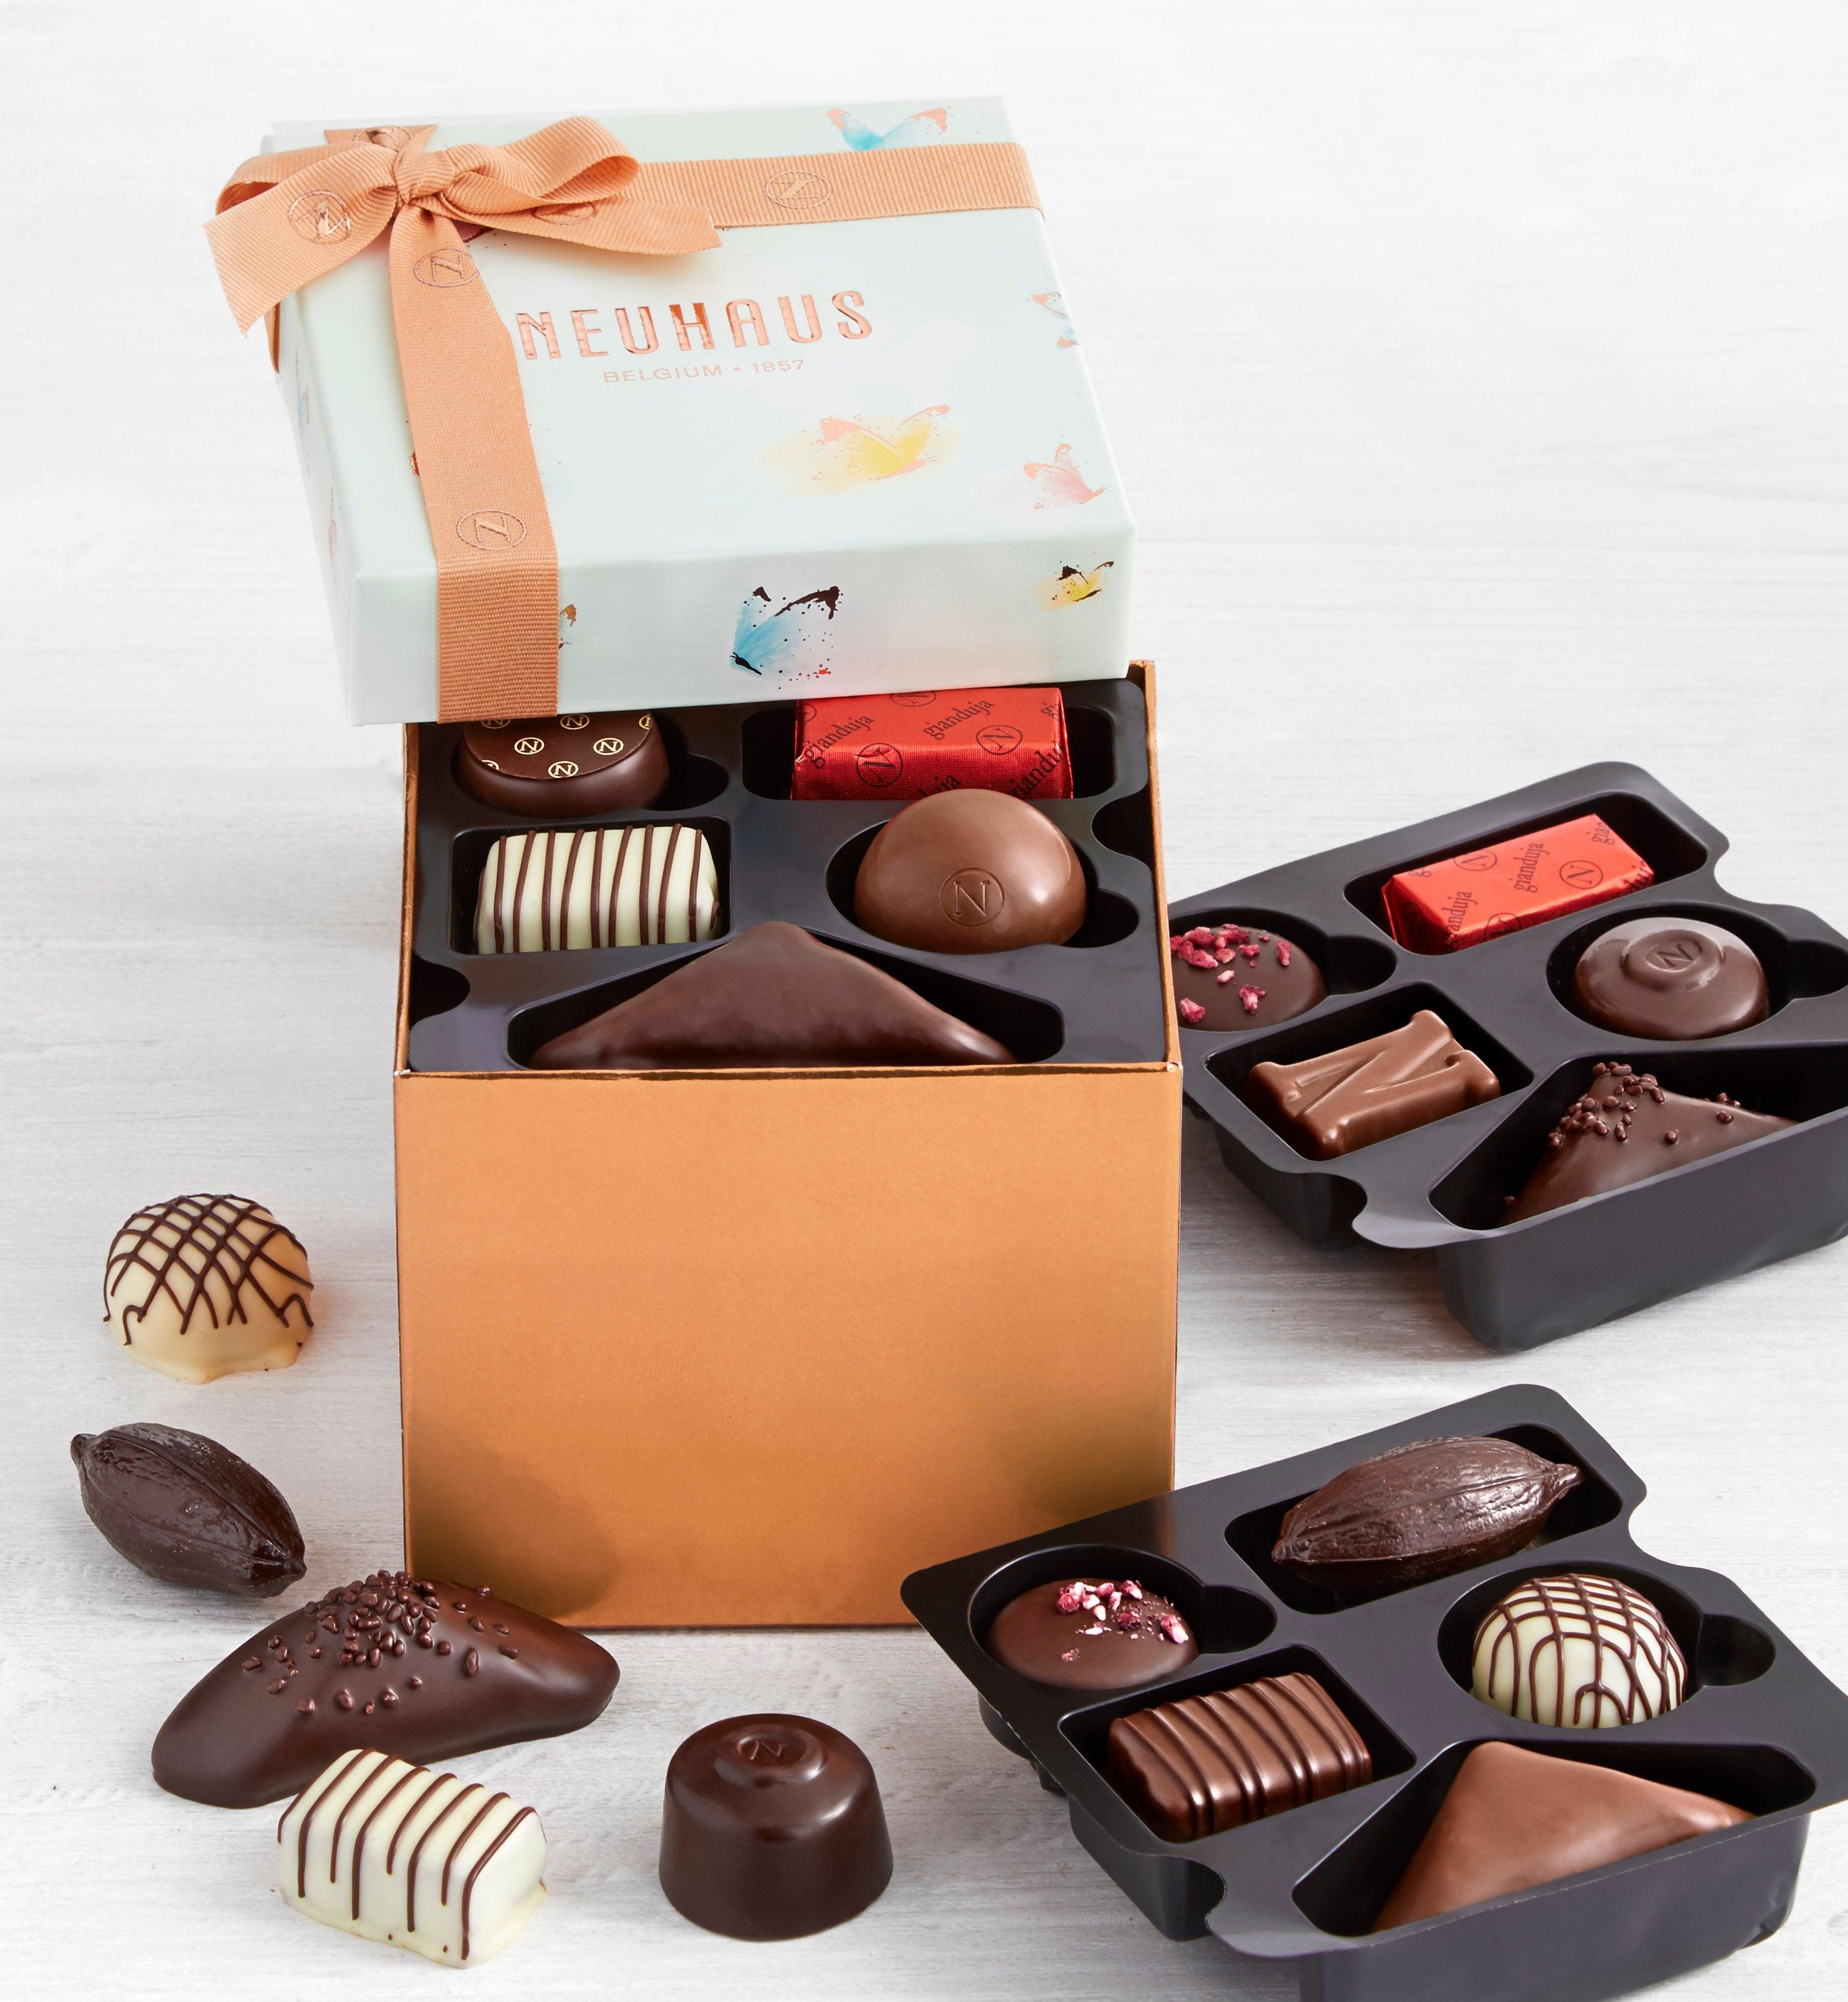 Neuhaus Spring Gift Box